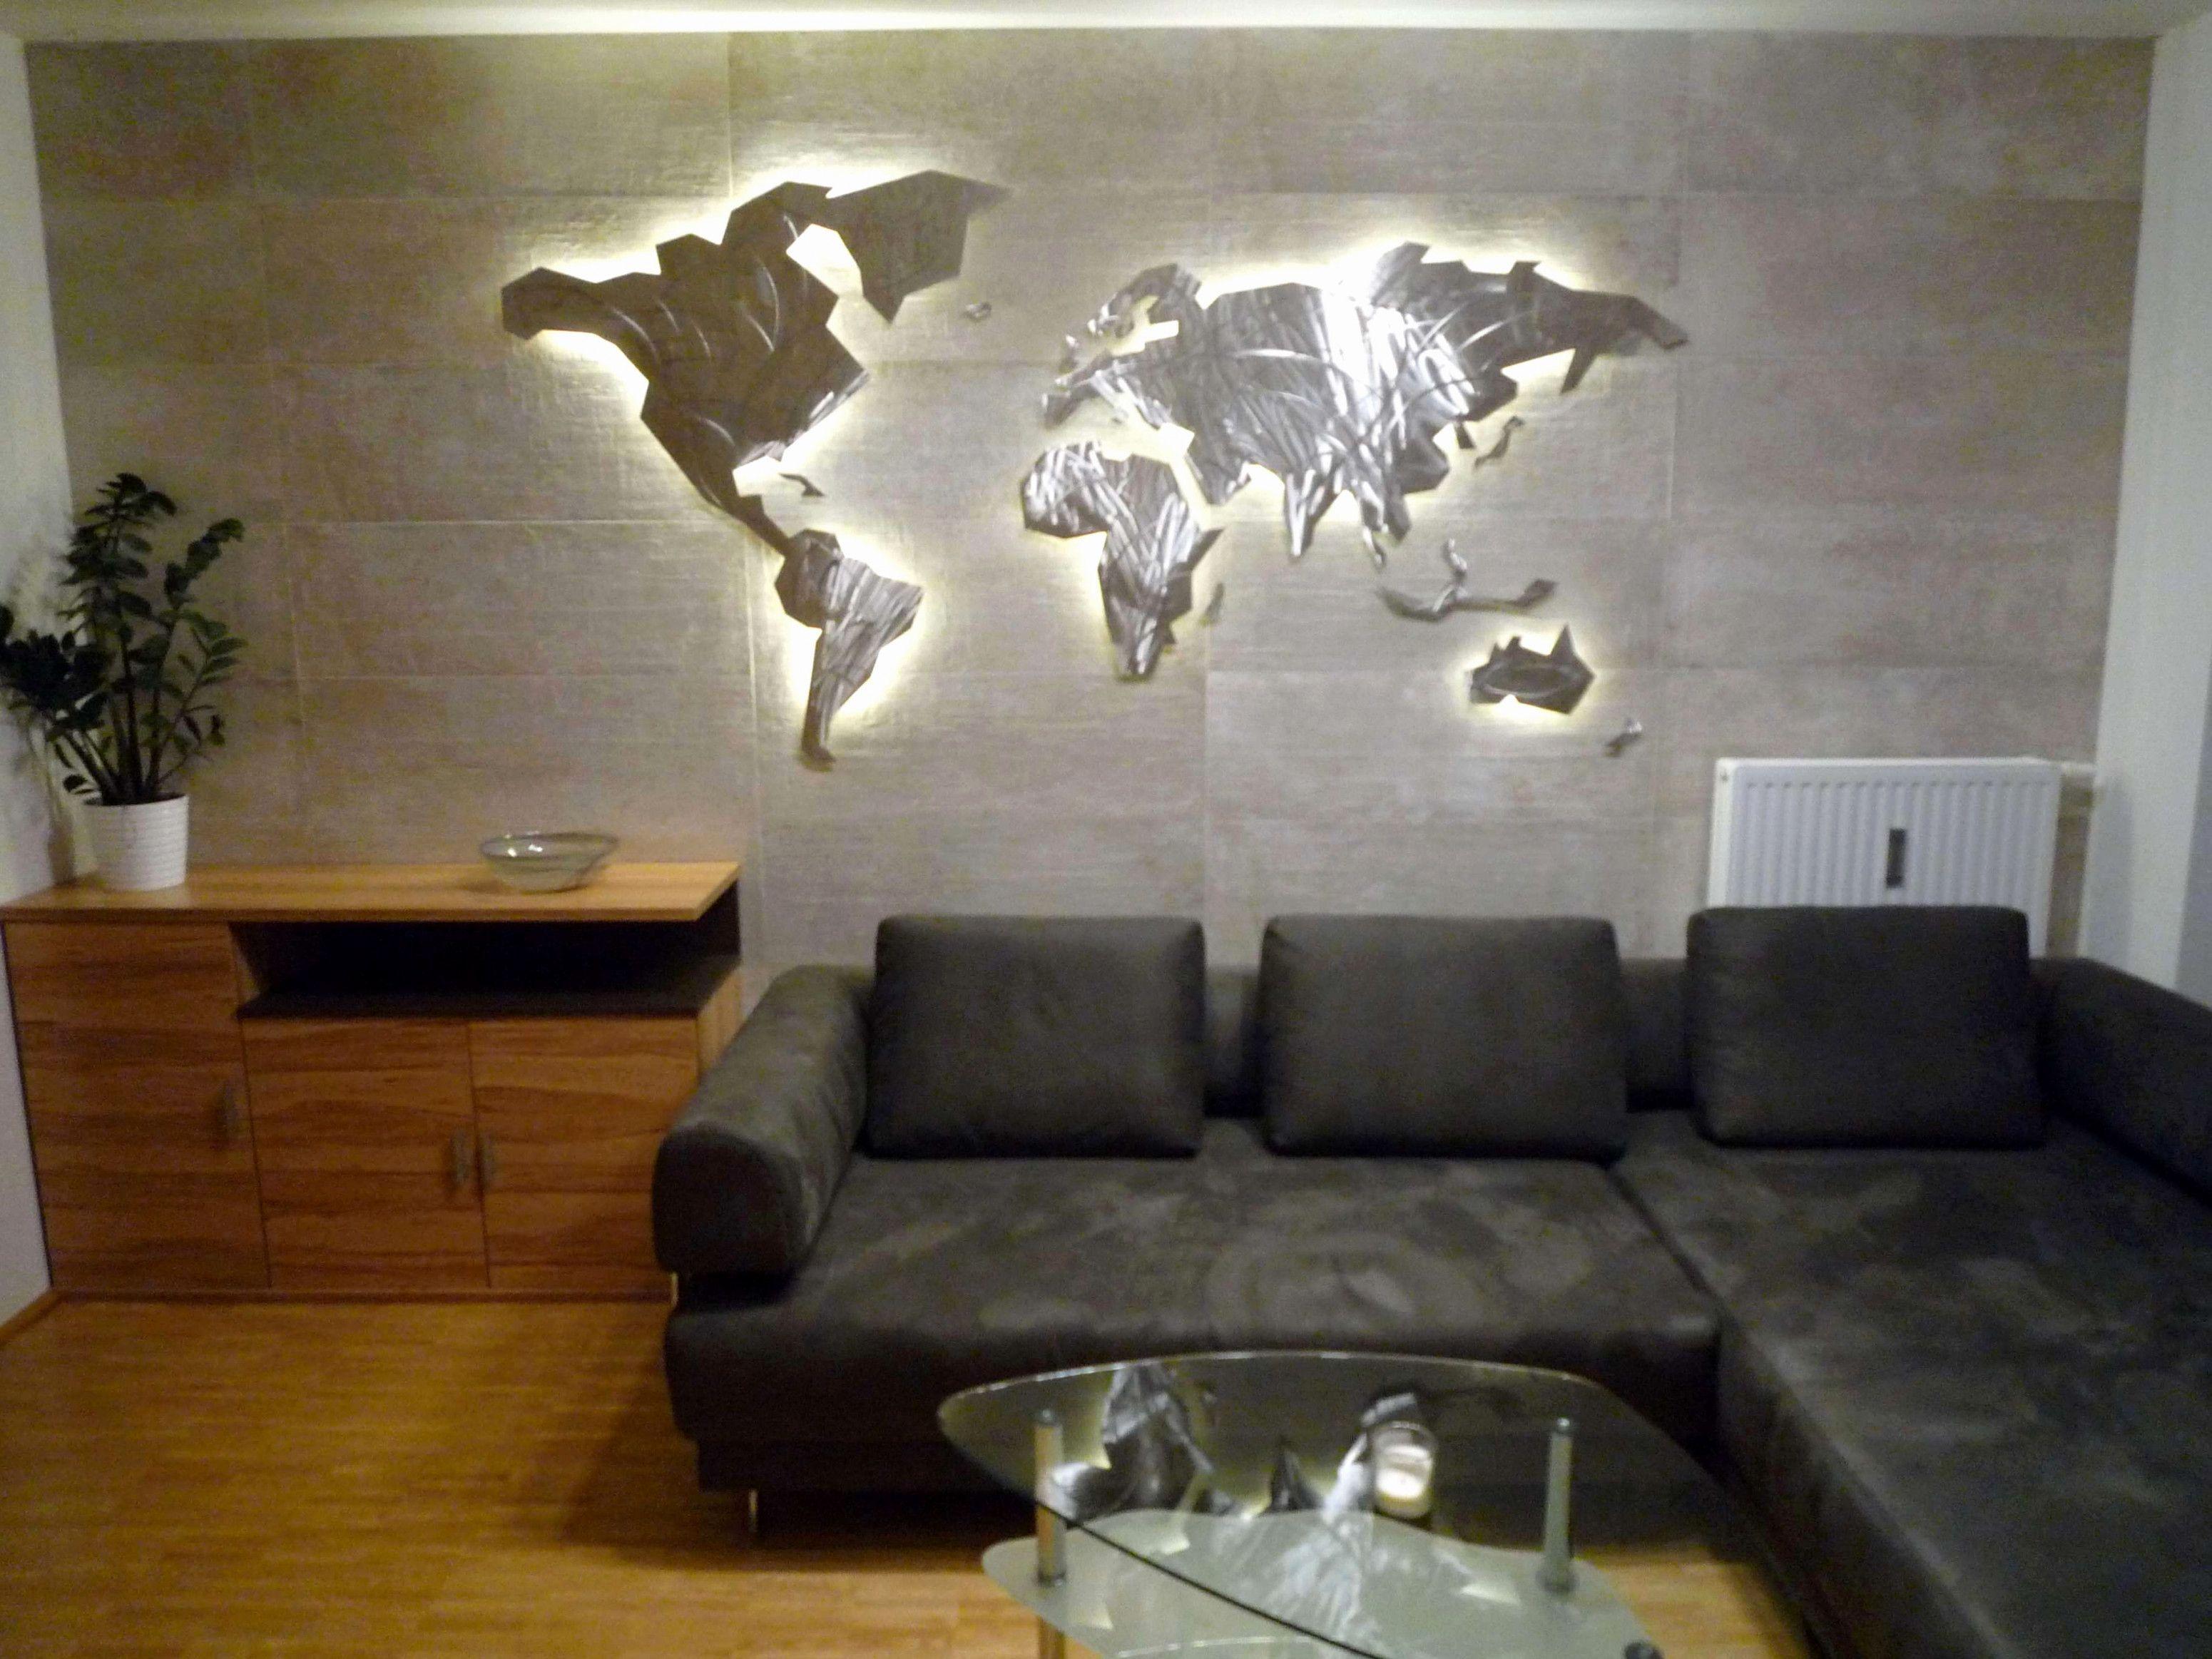 Luxus Holz Deko Wand Bild von Holz Dekoration Wand Photo